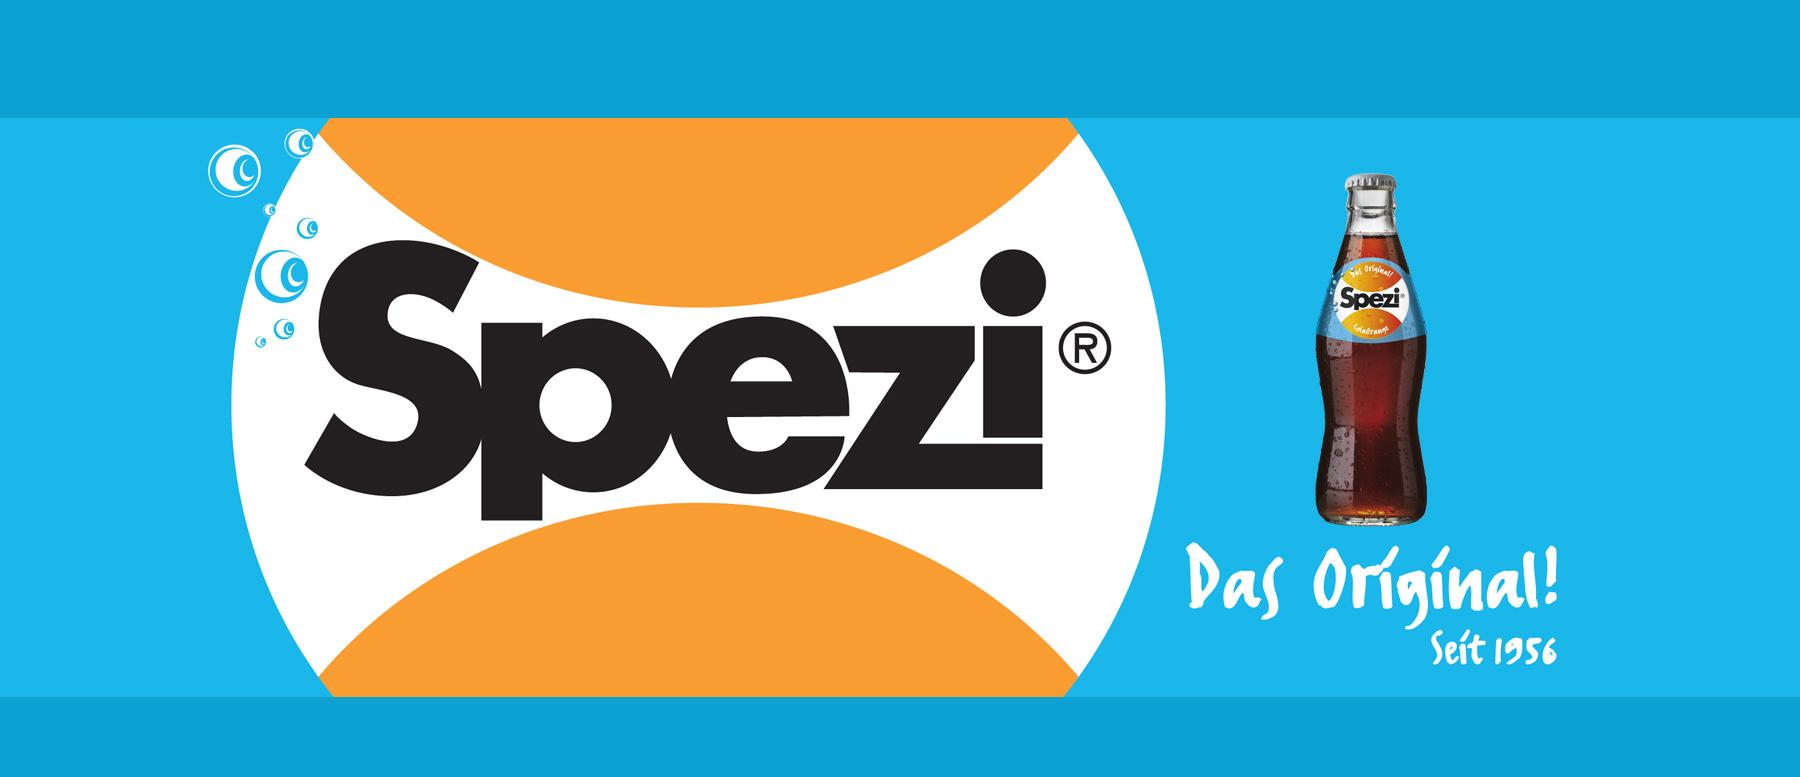 spezi-bg